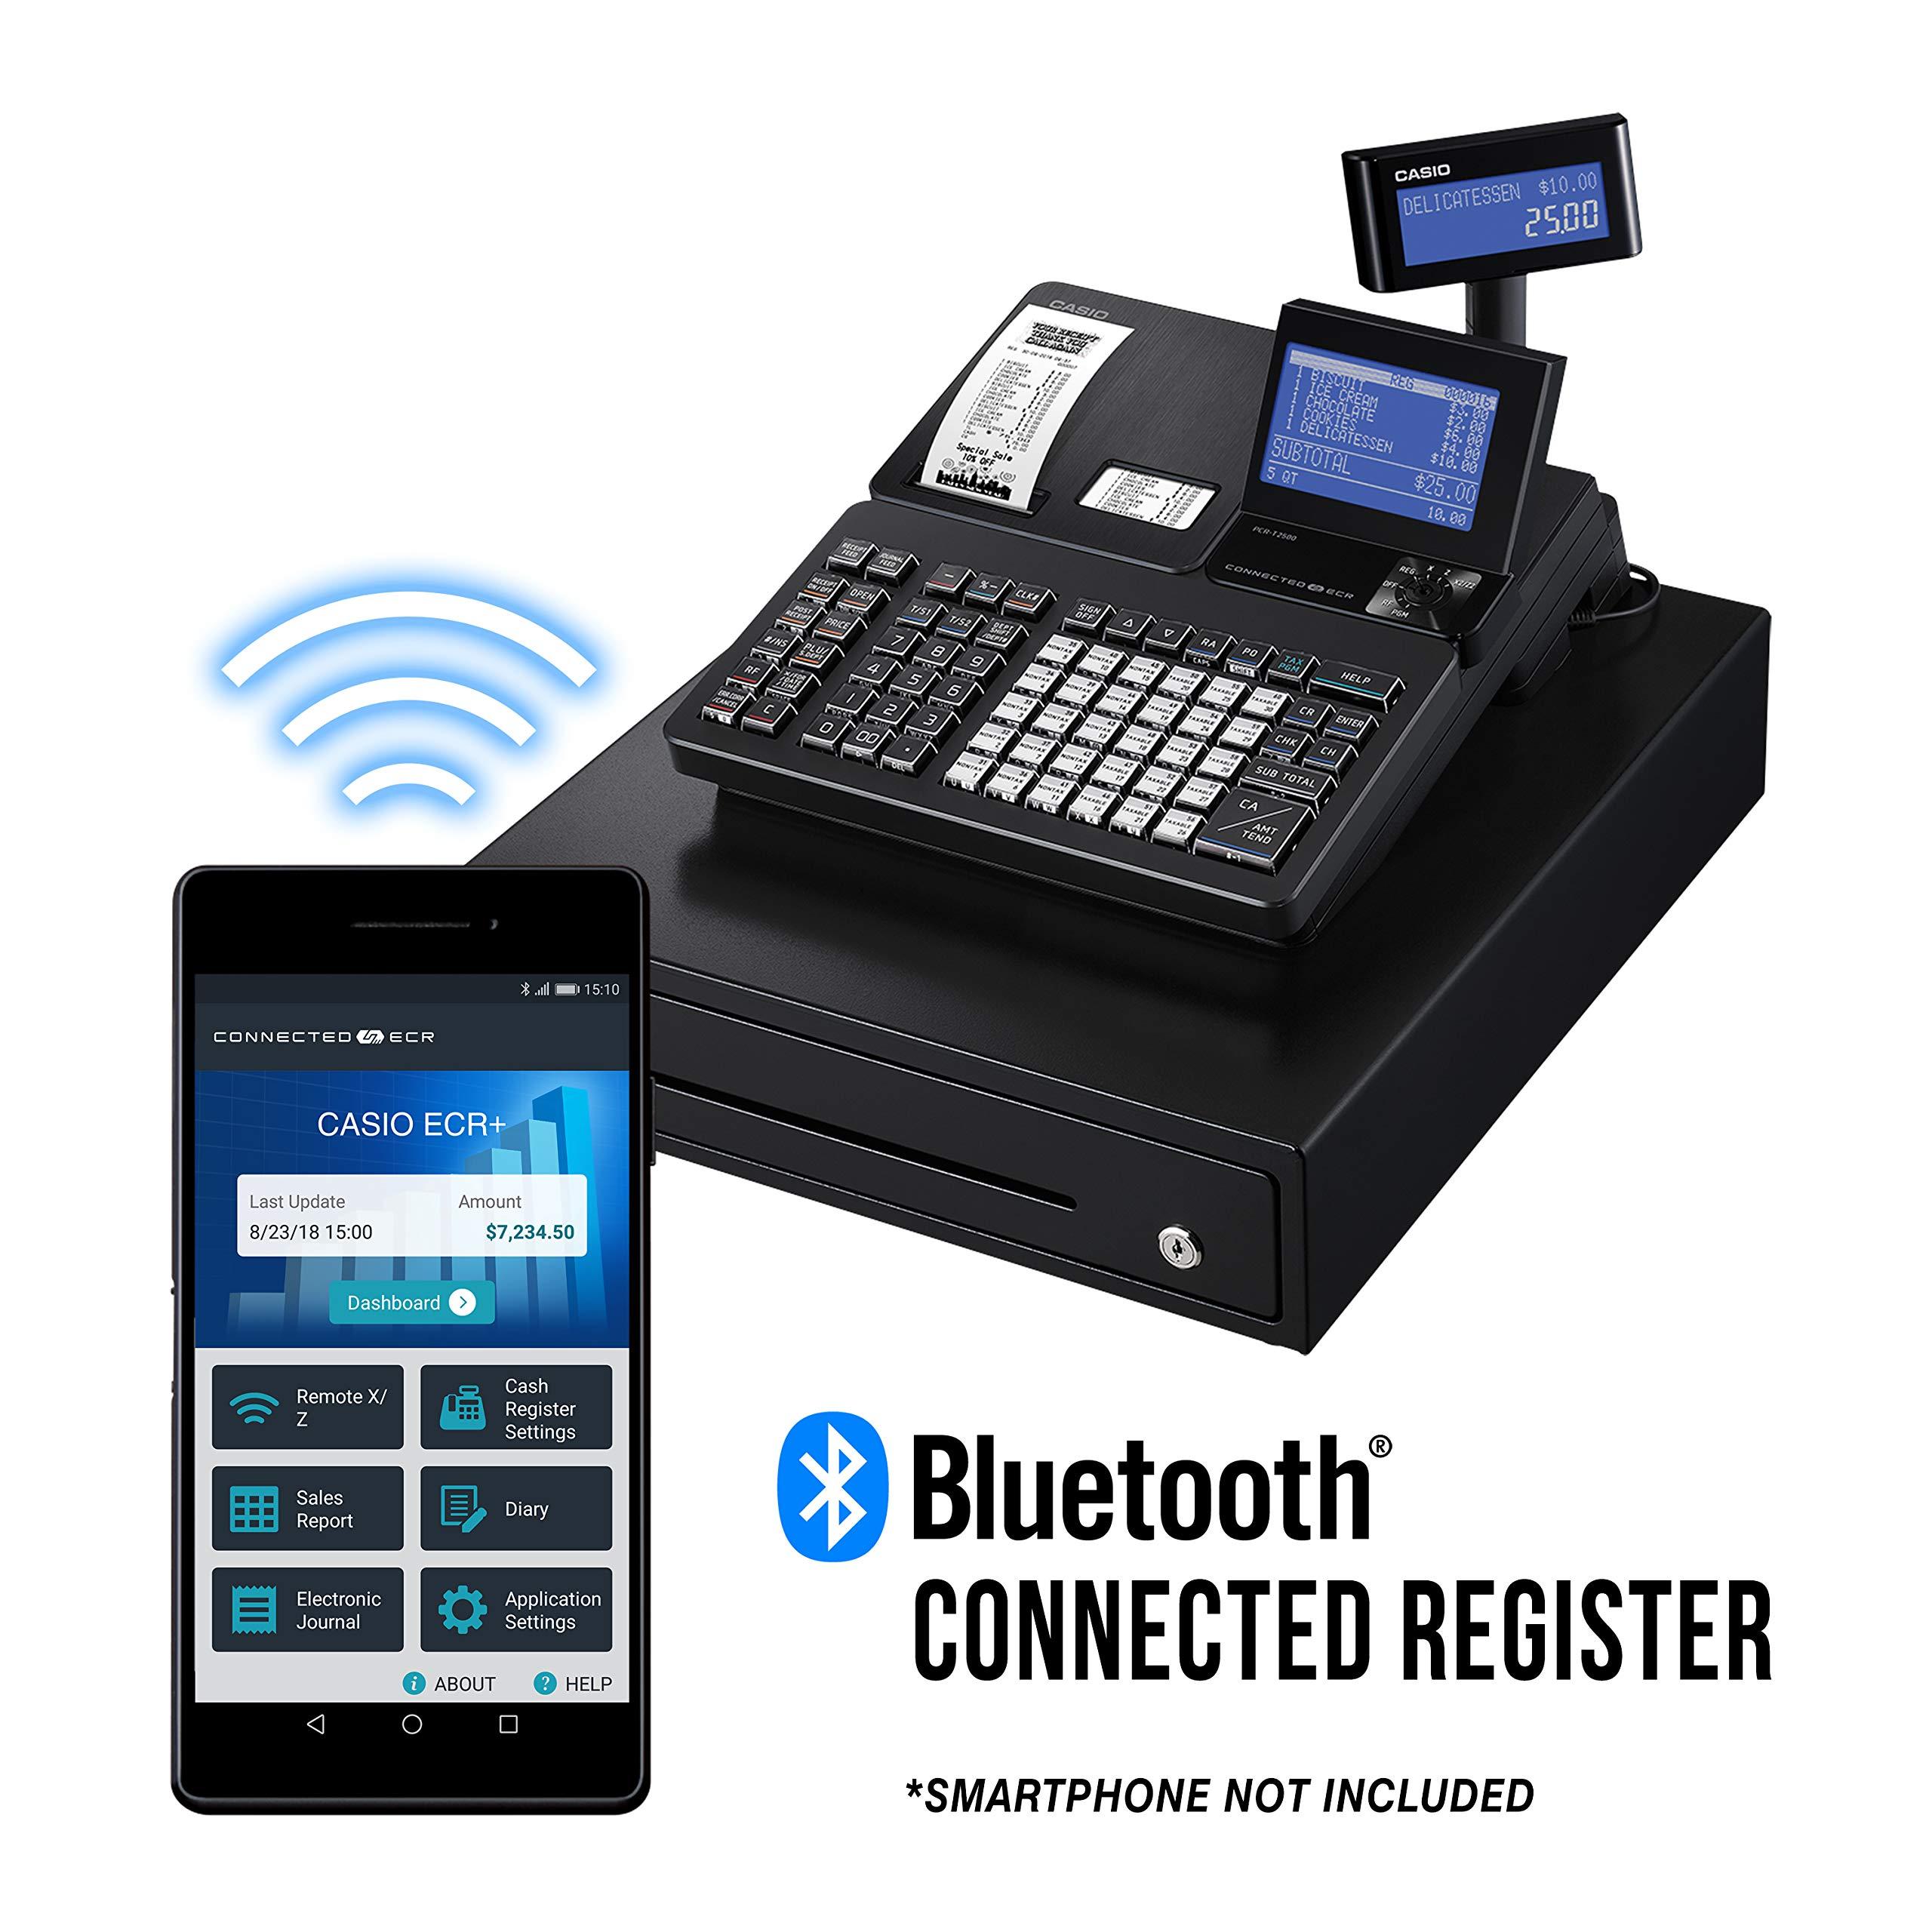 Casio PCR T2500 Cash Register 4 5